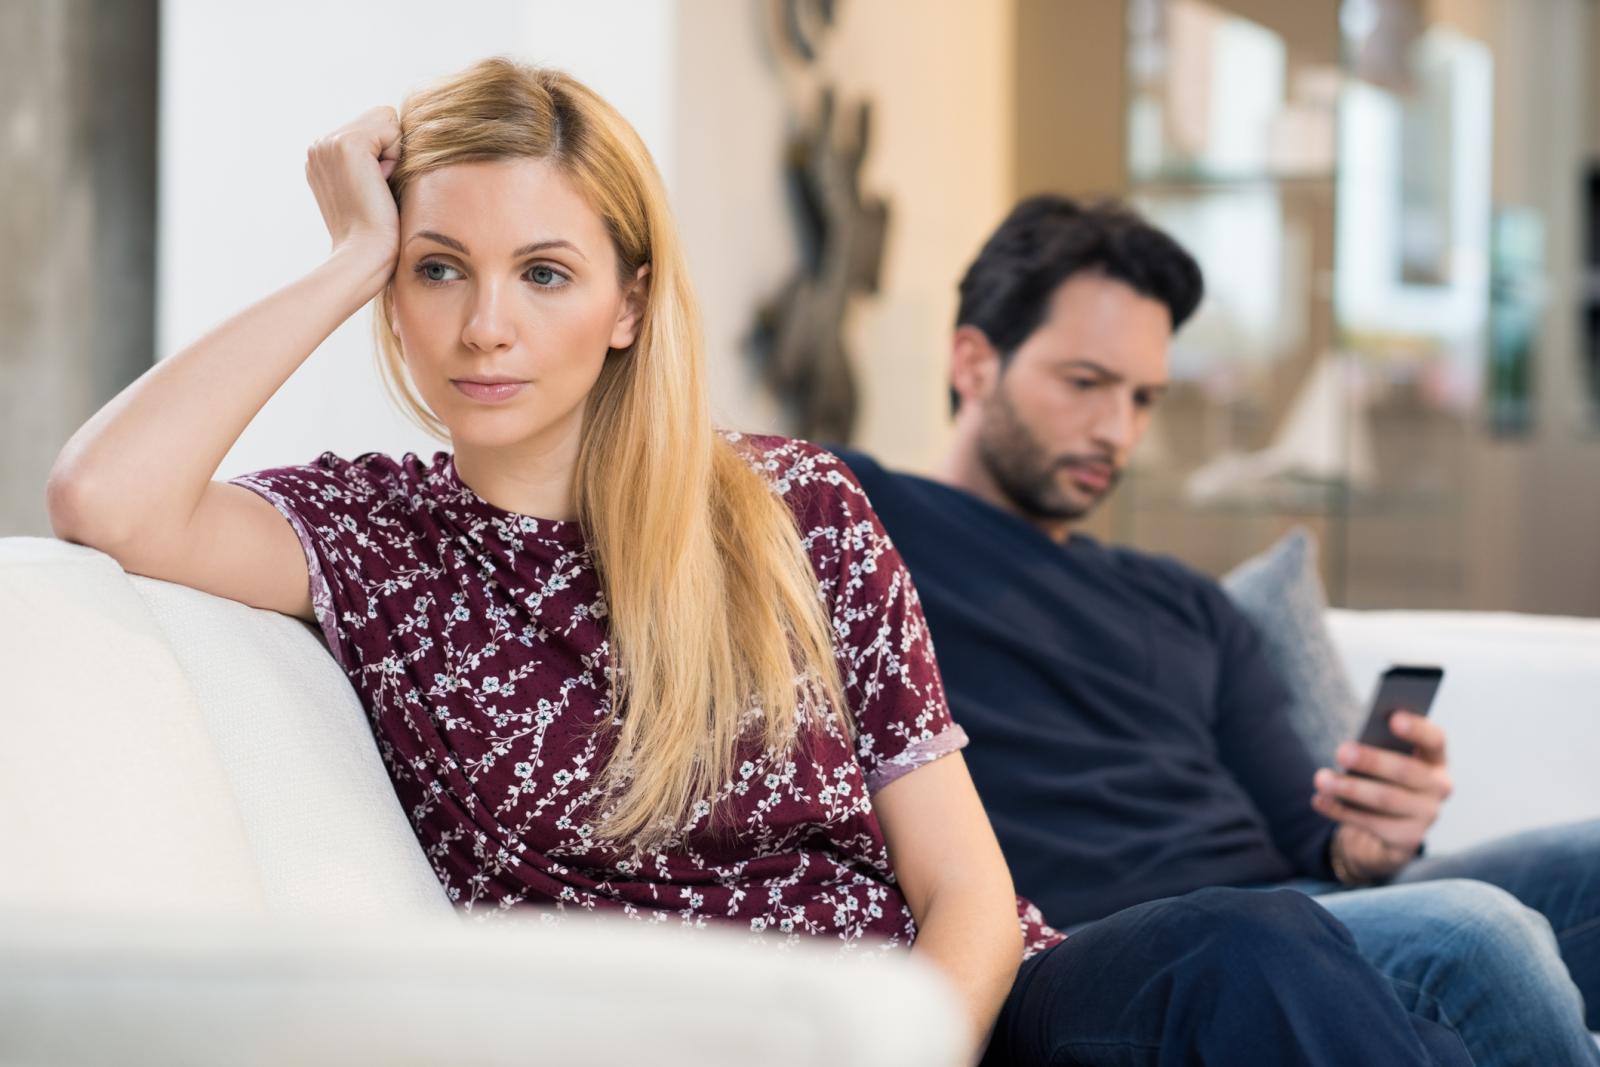 Iako je seks vrlo bitan, problemi će nastati i ako emocionalna povezanost 'zakaže'.